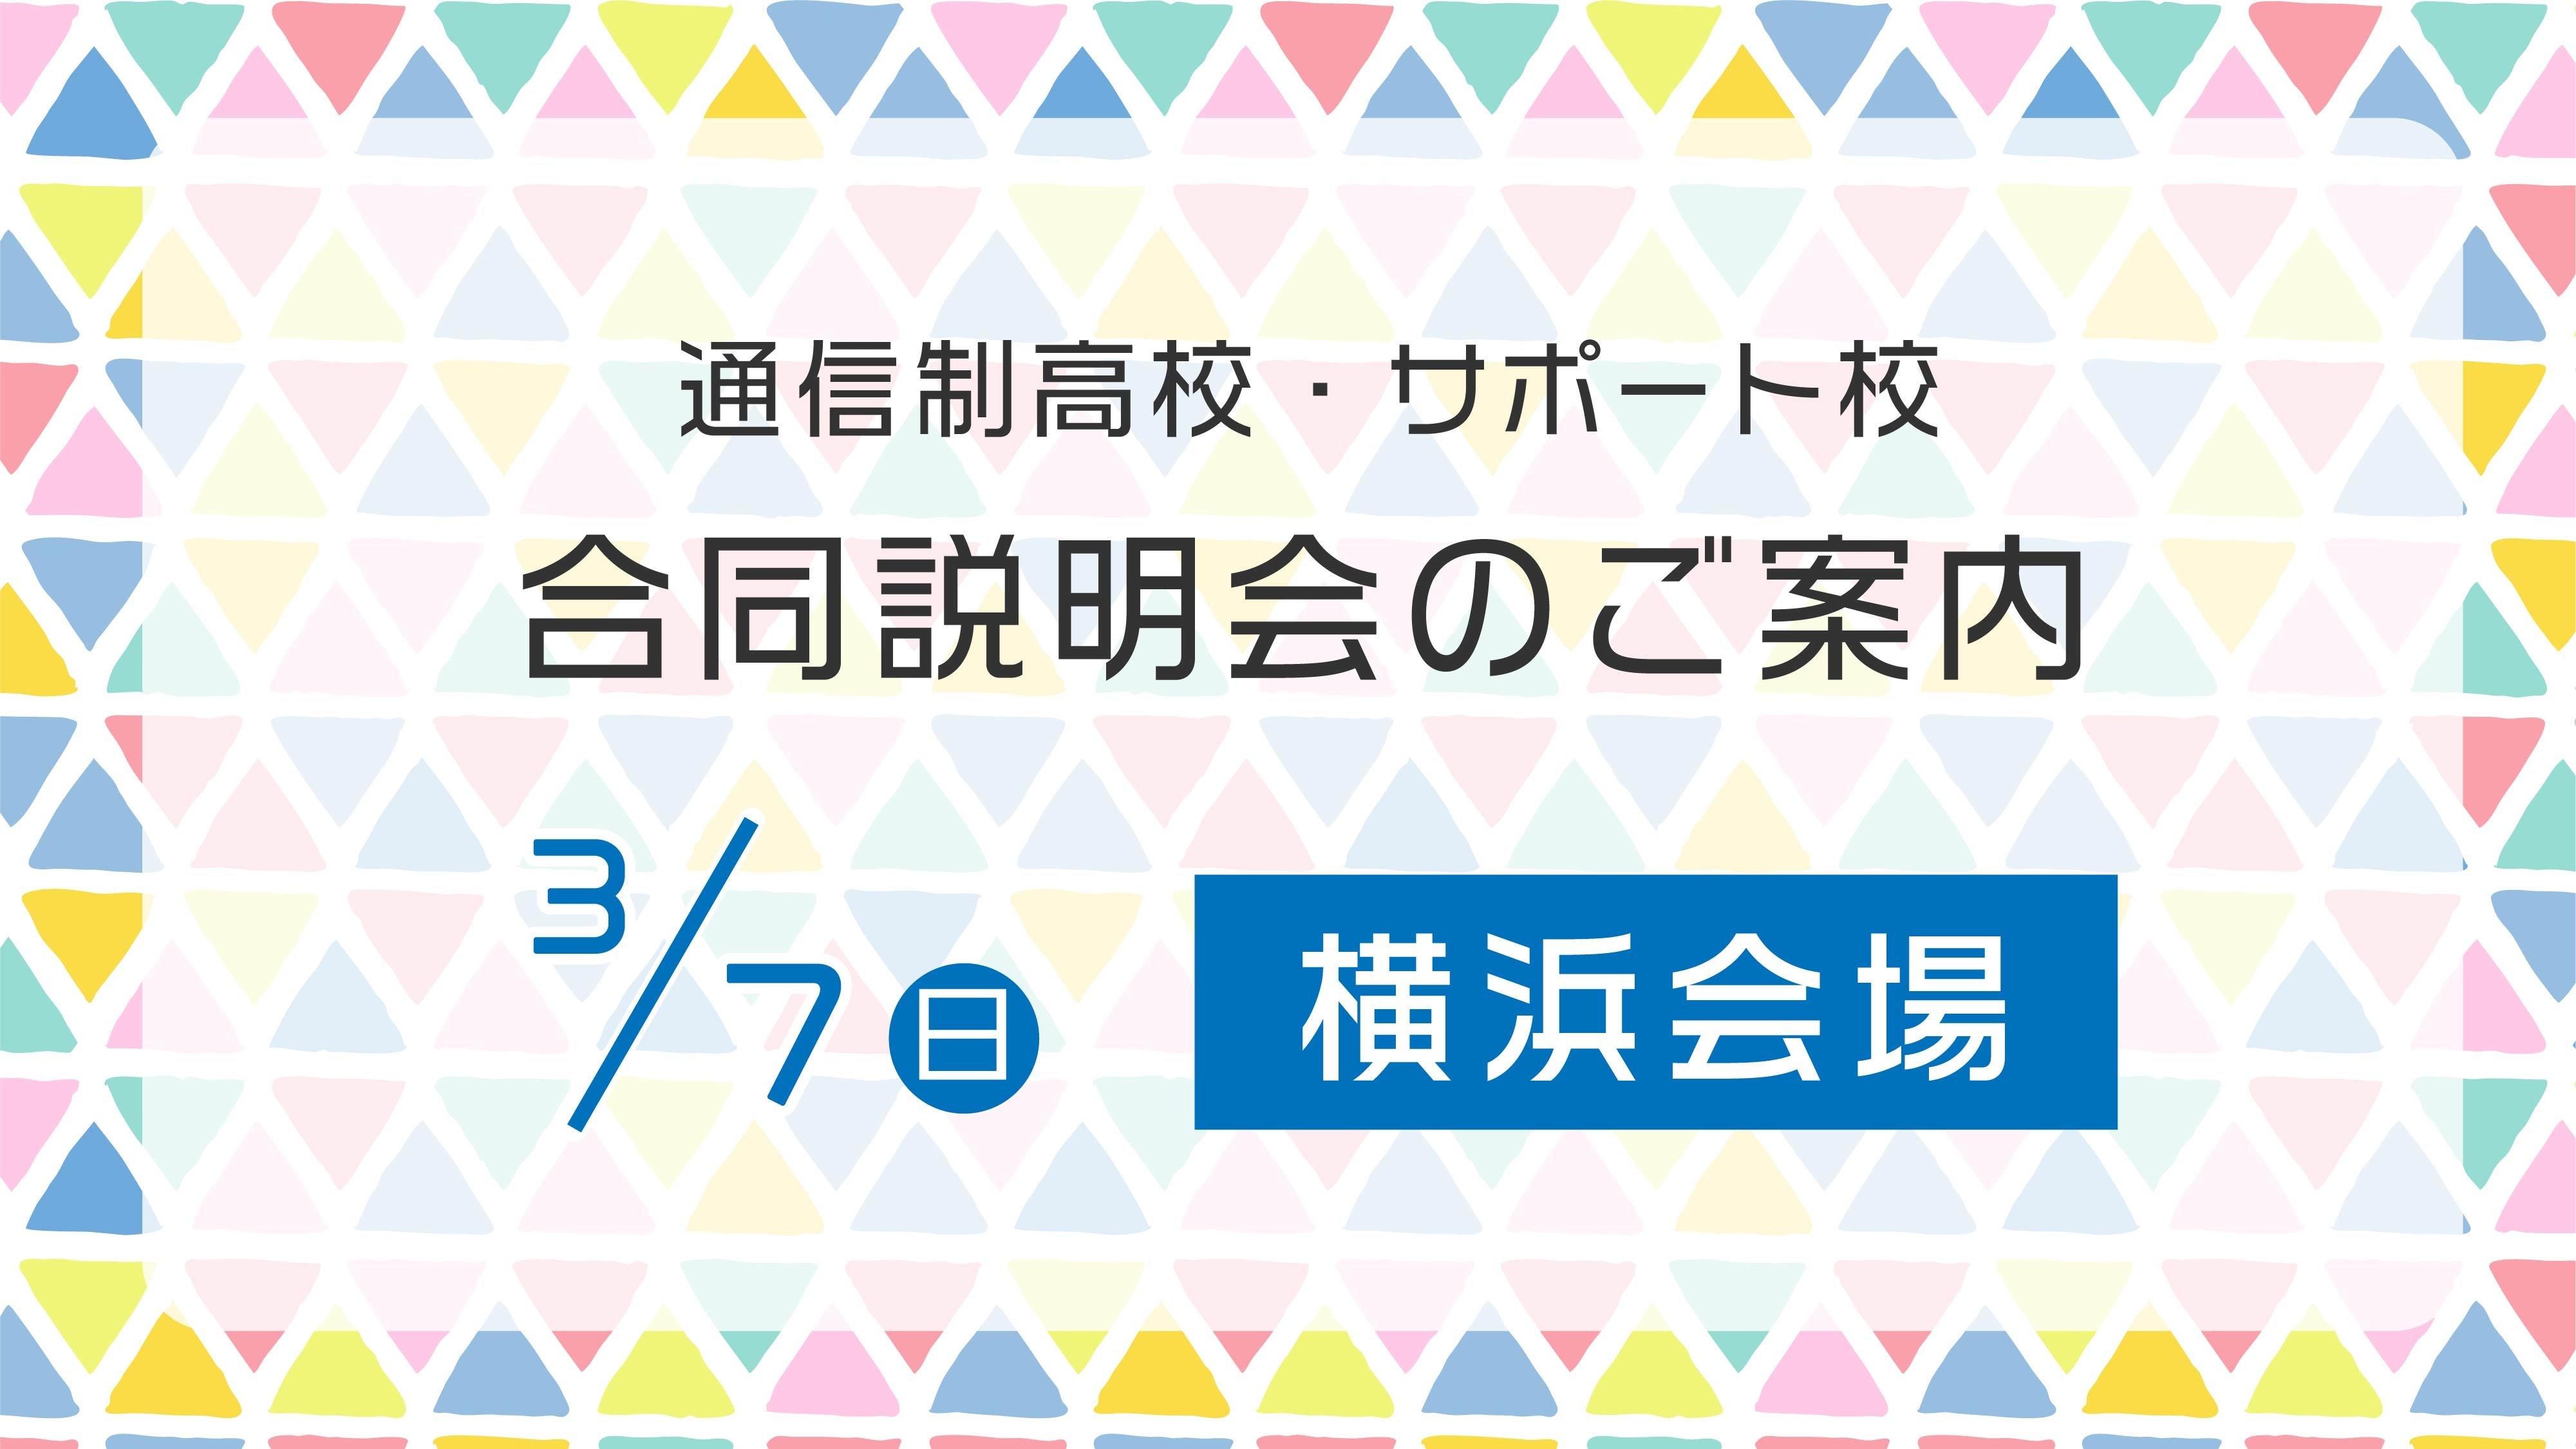 21_0307横浜合同説明会-06.jpg